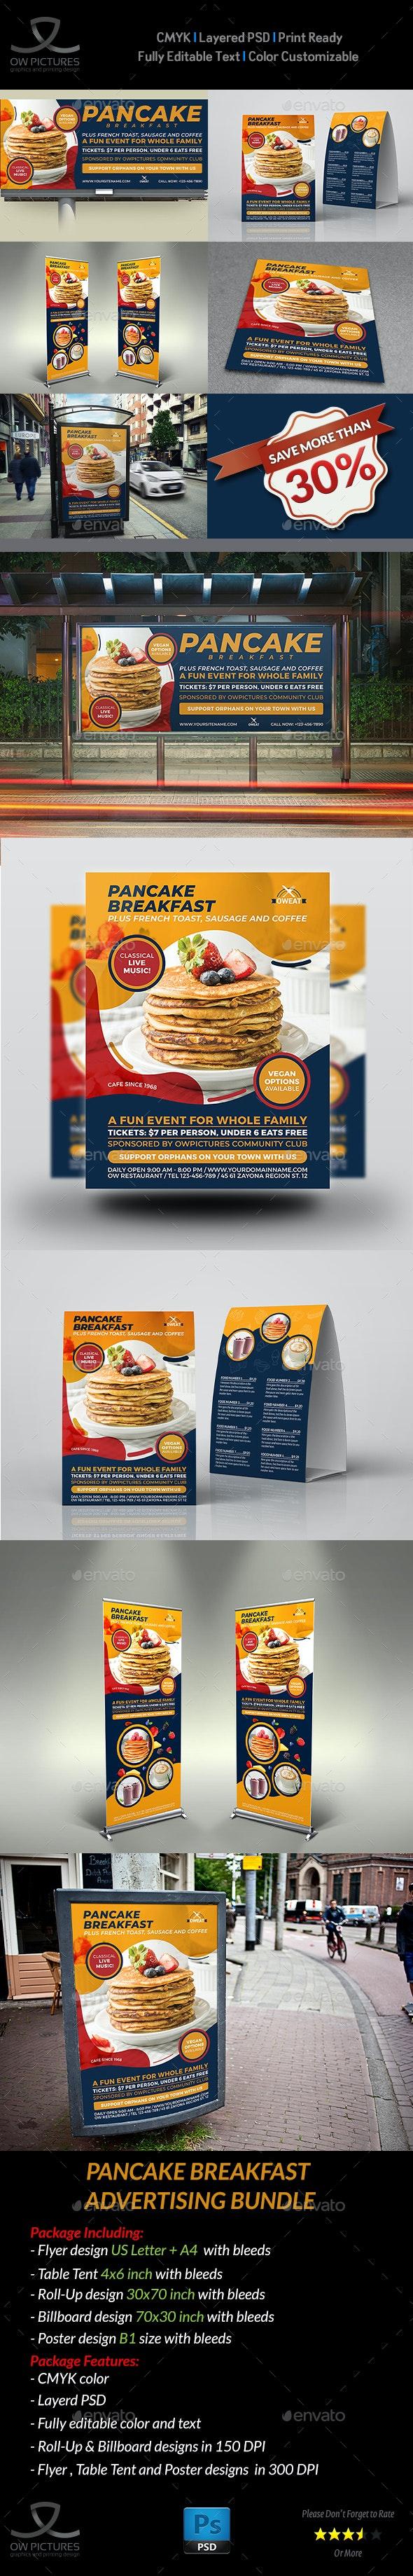 Pancake Breakfast Advertising Bundle - Signage Print Templates